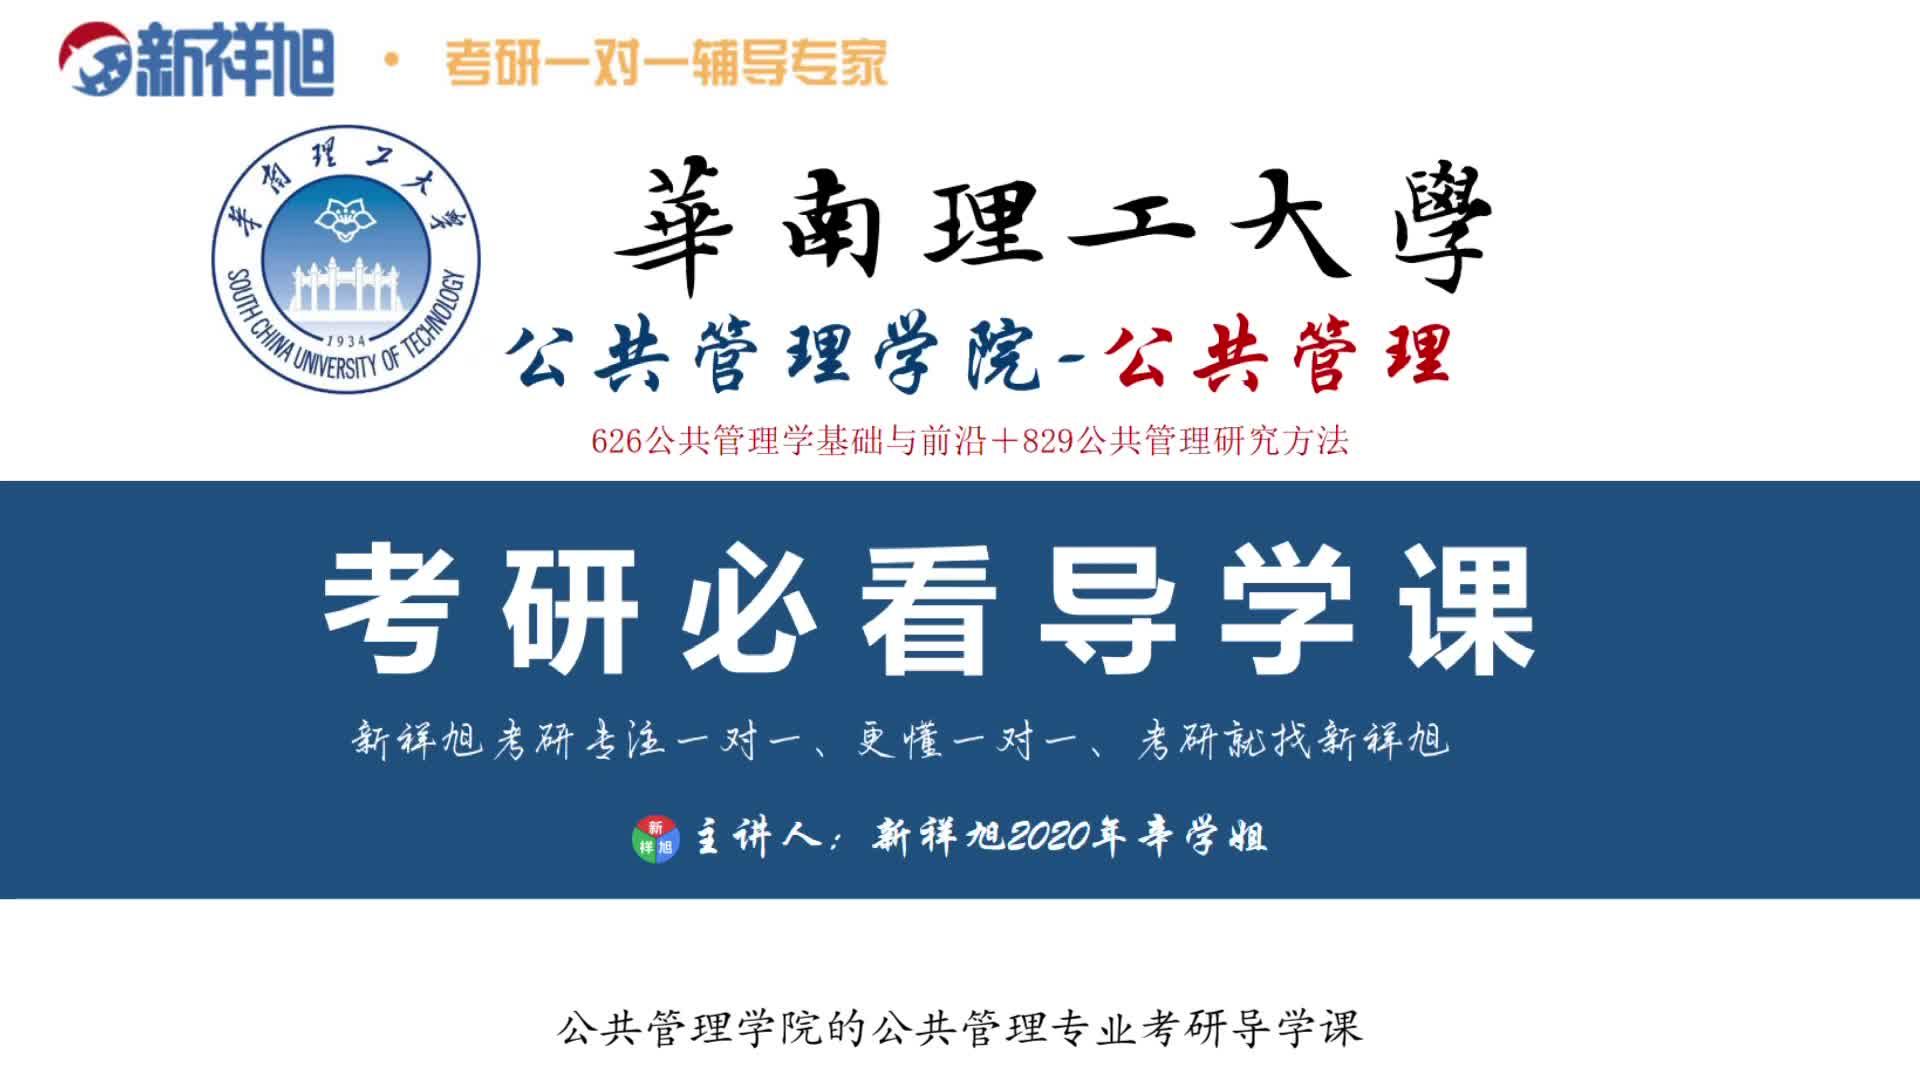 【新祥旭】华南理工大学公共管理(学硕)2020考情分析-考研必看导学课.MP4